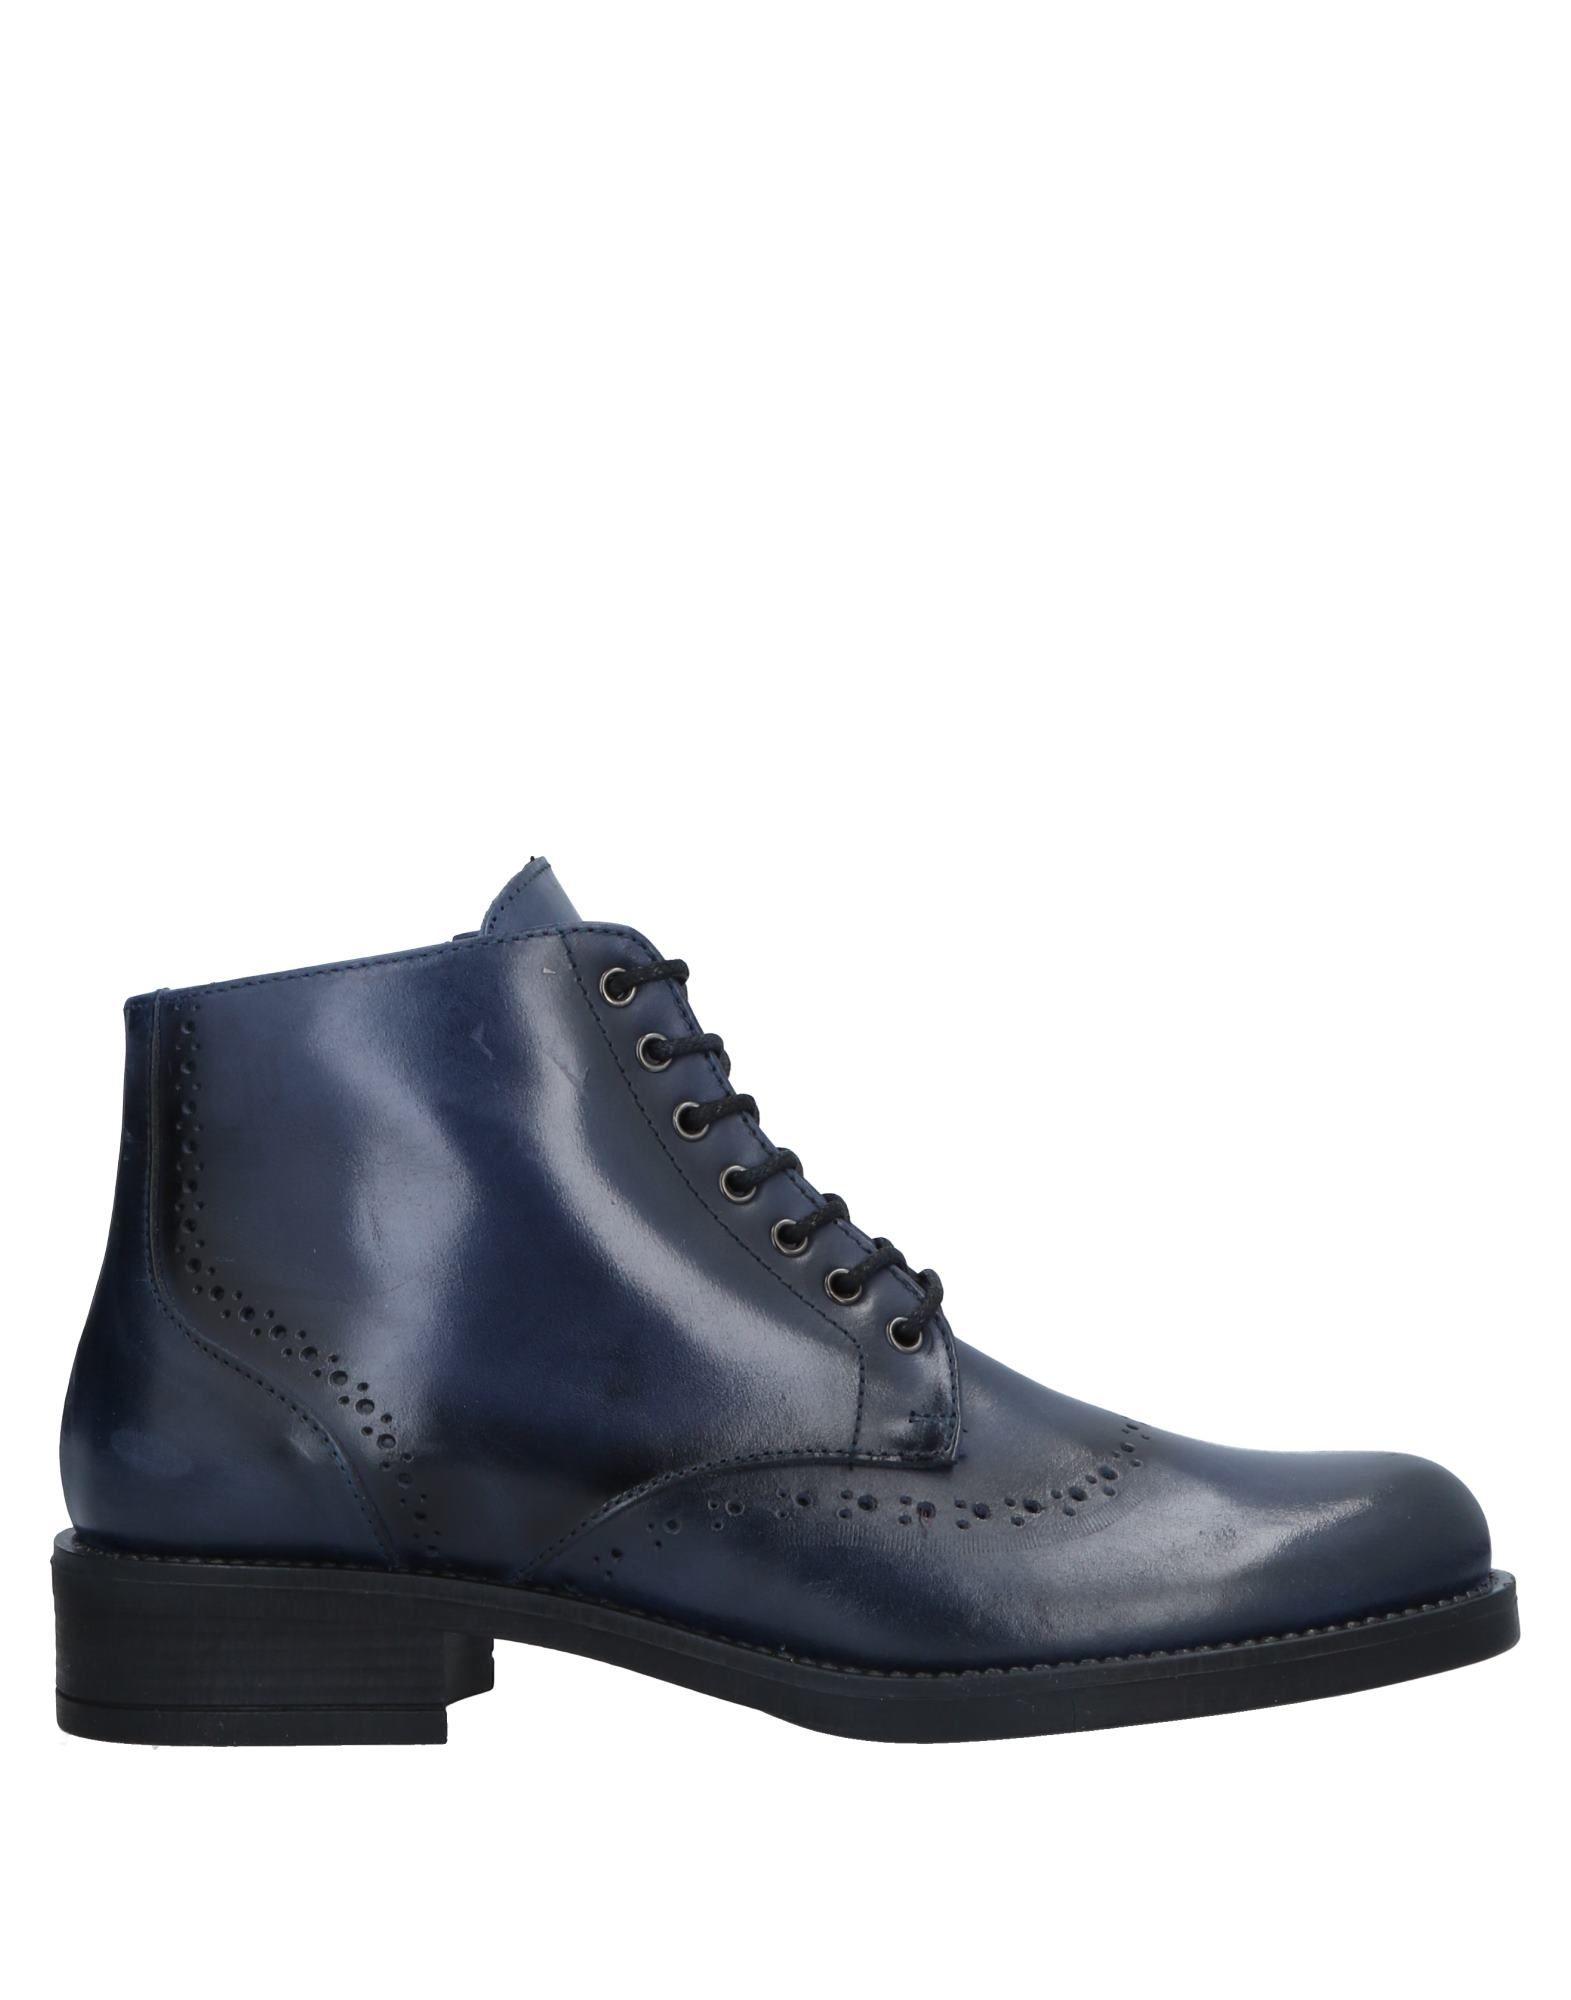 Donna Più Stiefelette Damen  11526965PS Gute Qualität beliebte Schuhe